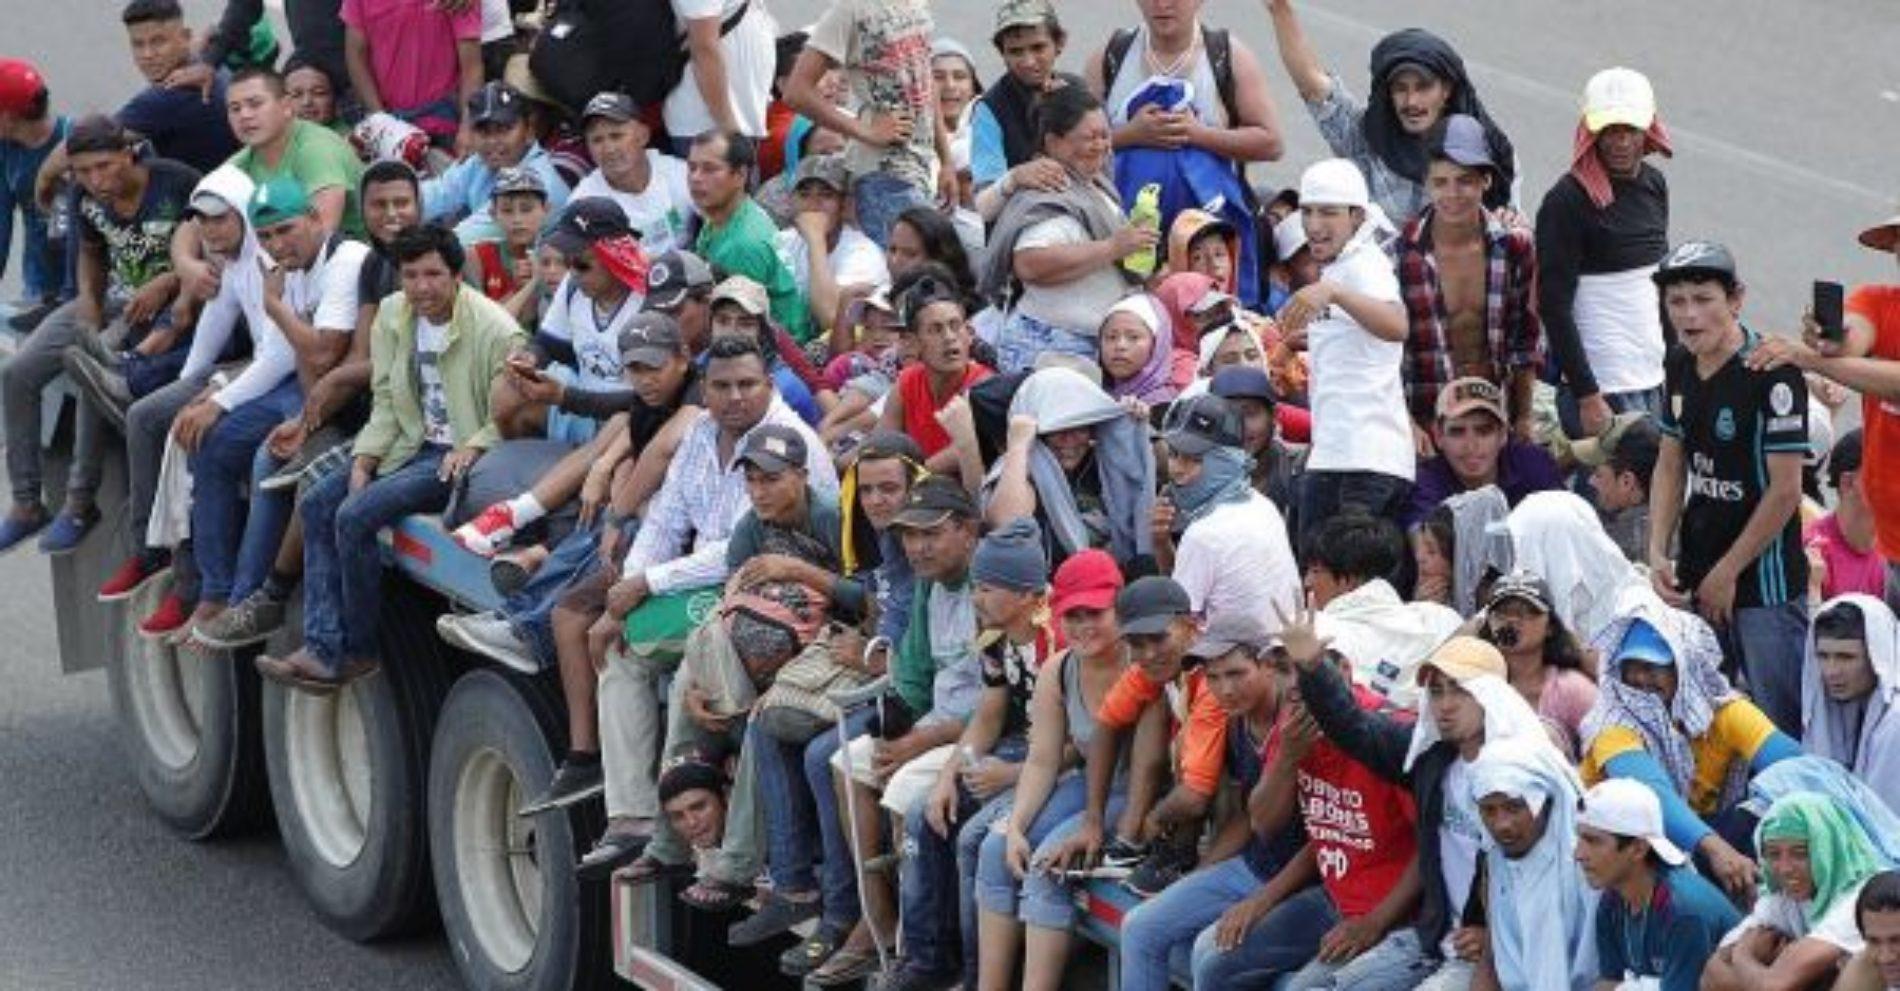 Llegan a un acuerdo Trump y AMLO, los migrantes hondureños deberán esperar en México